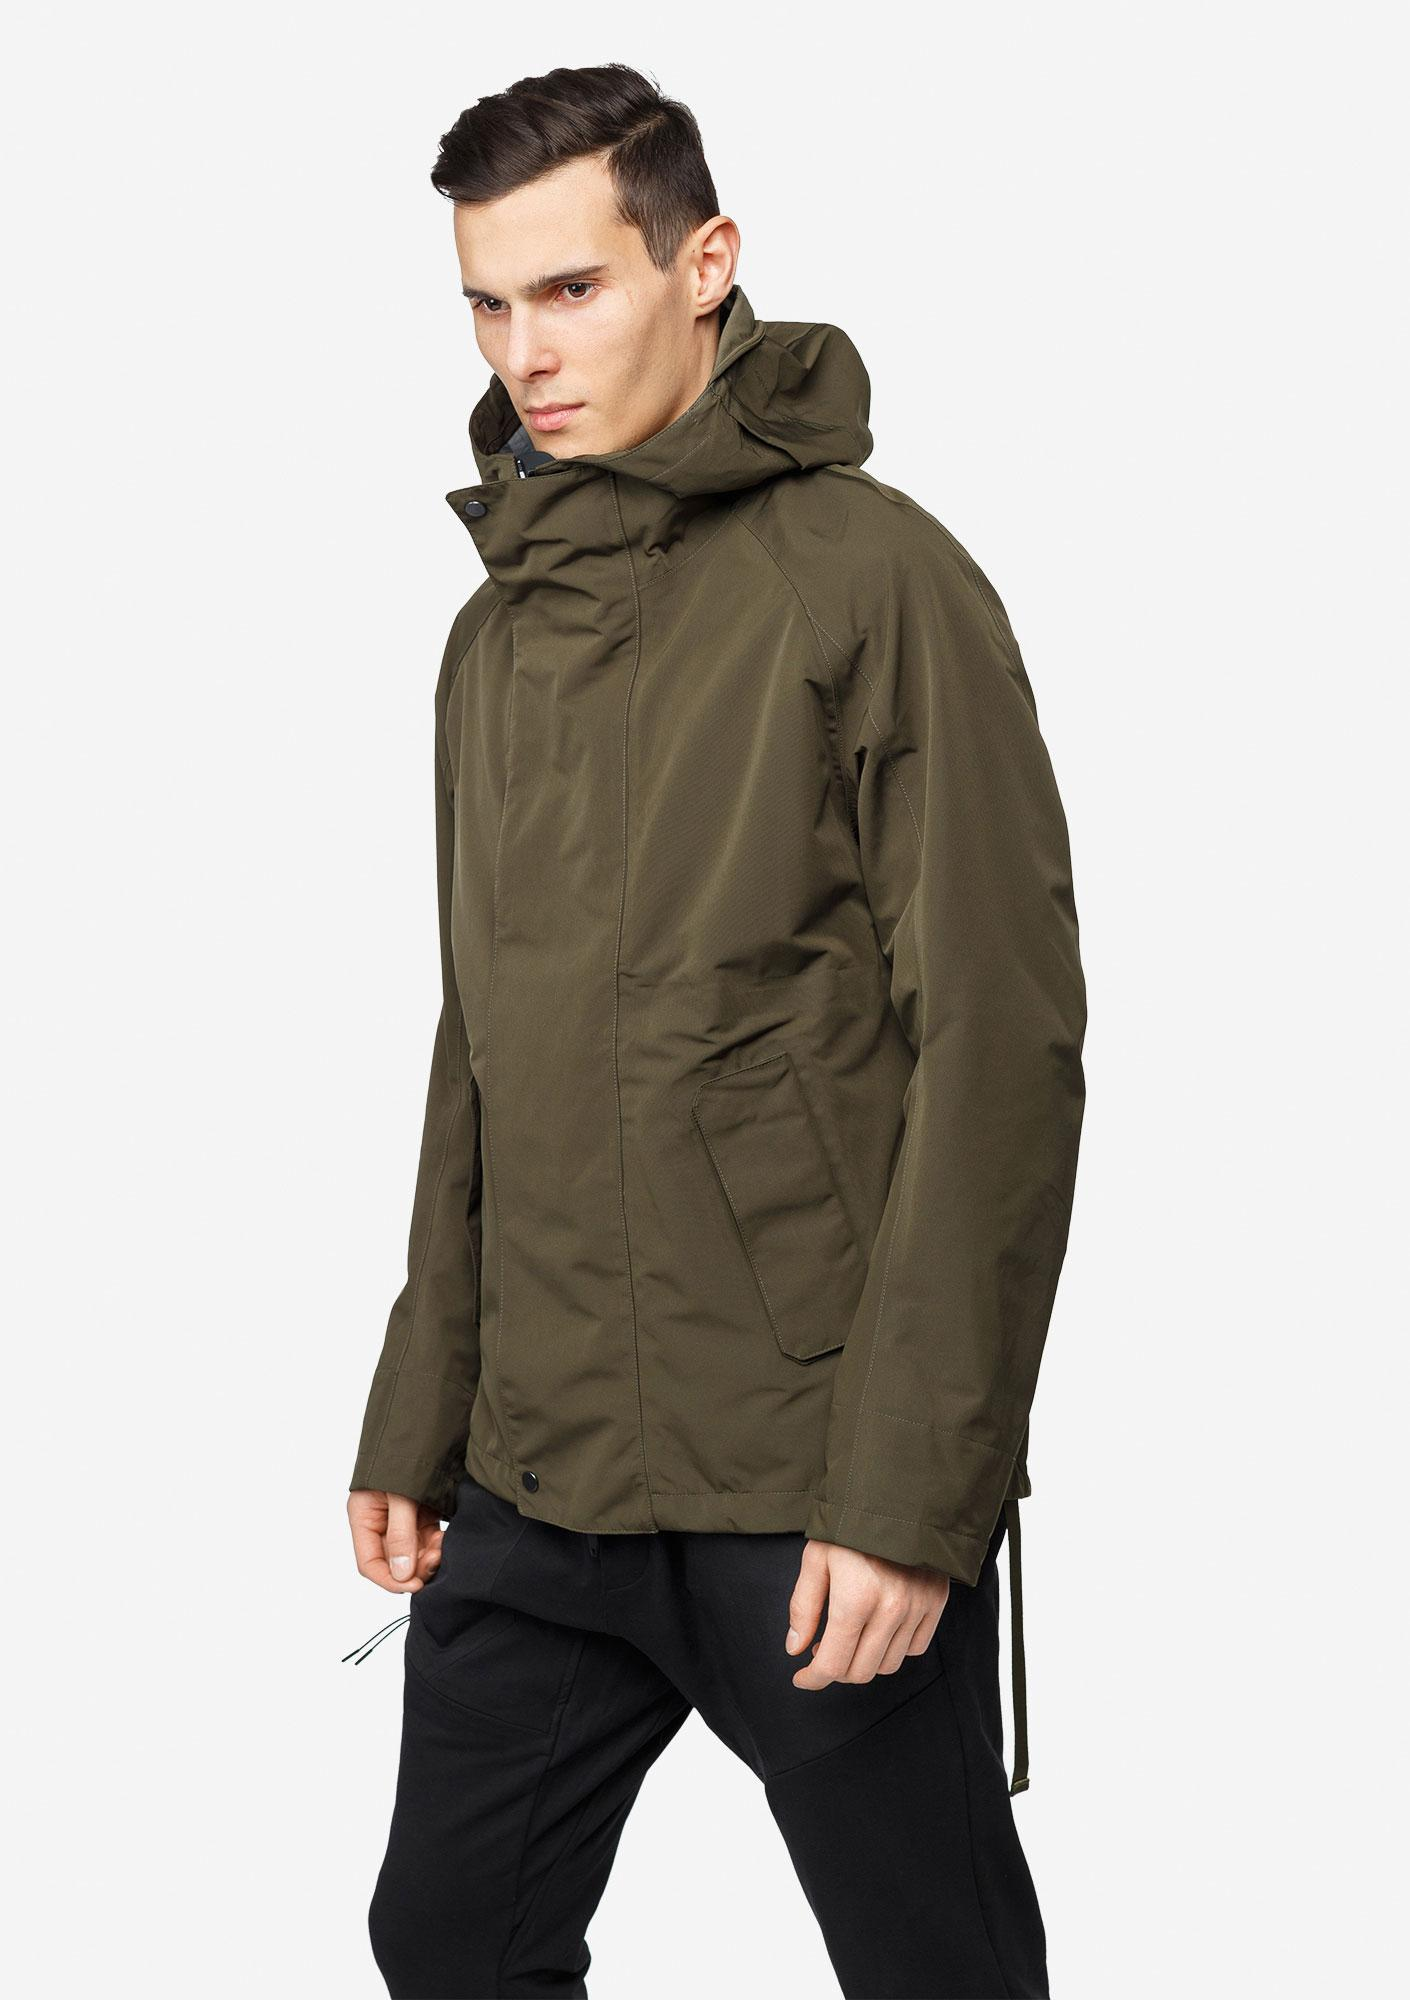 Штормовая куртка KRAKATAU Q137/2 CURIUM